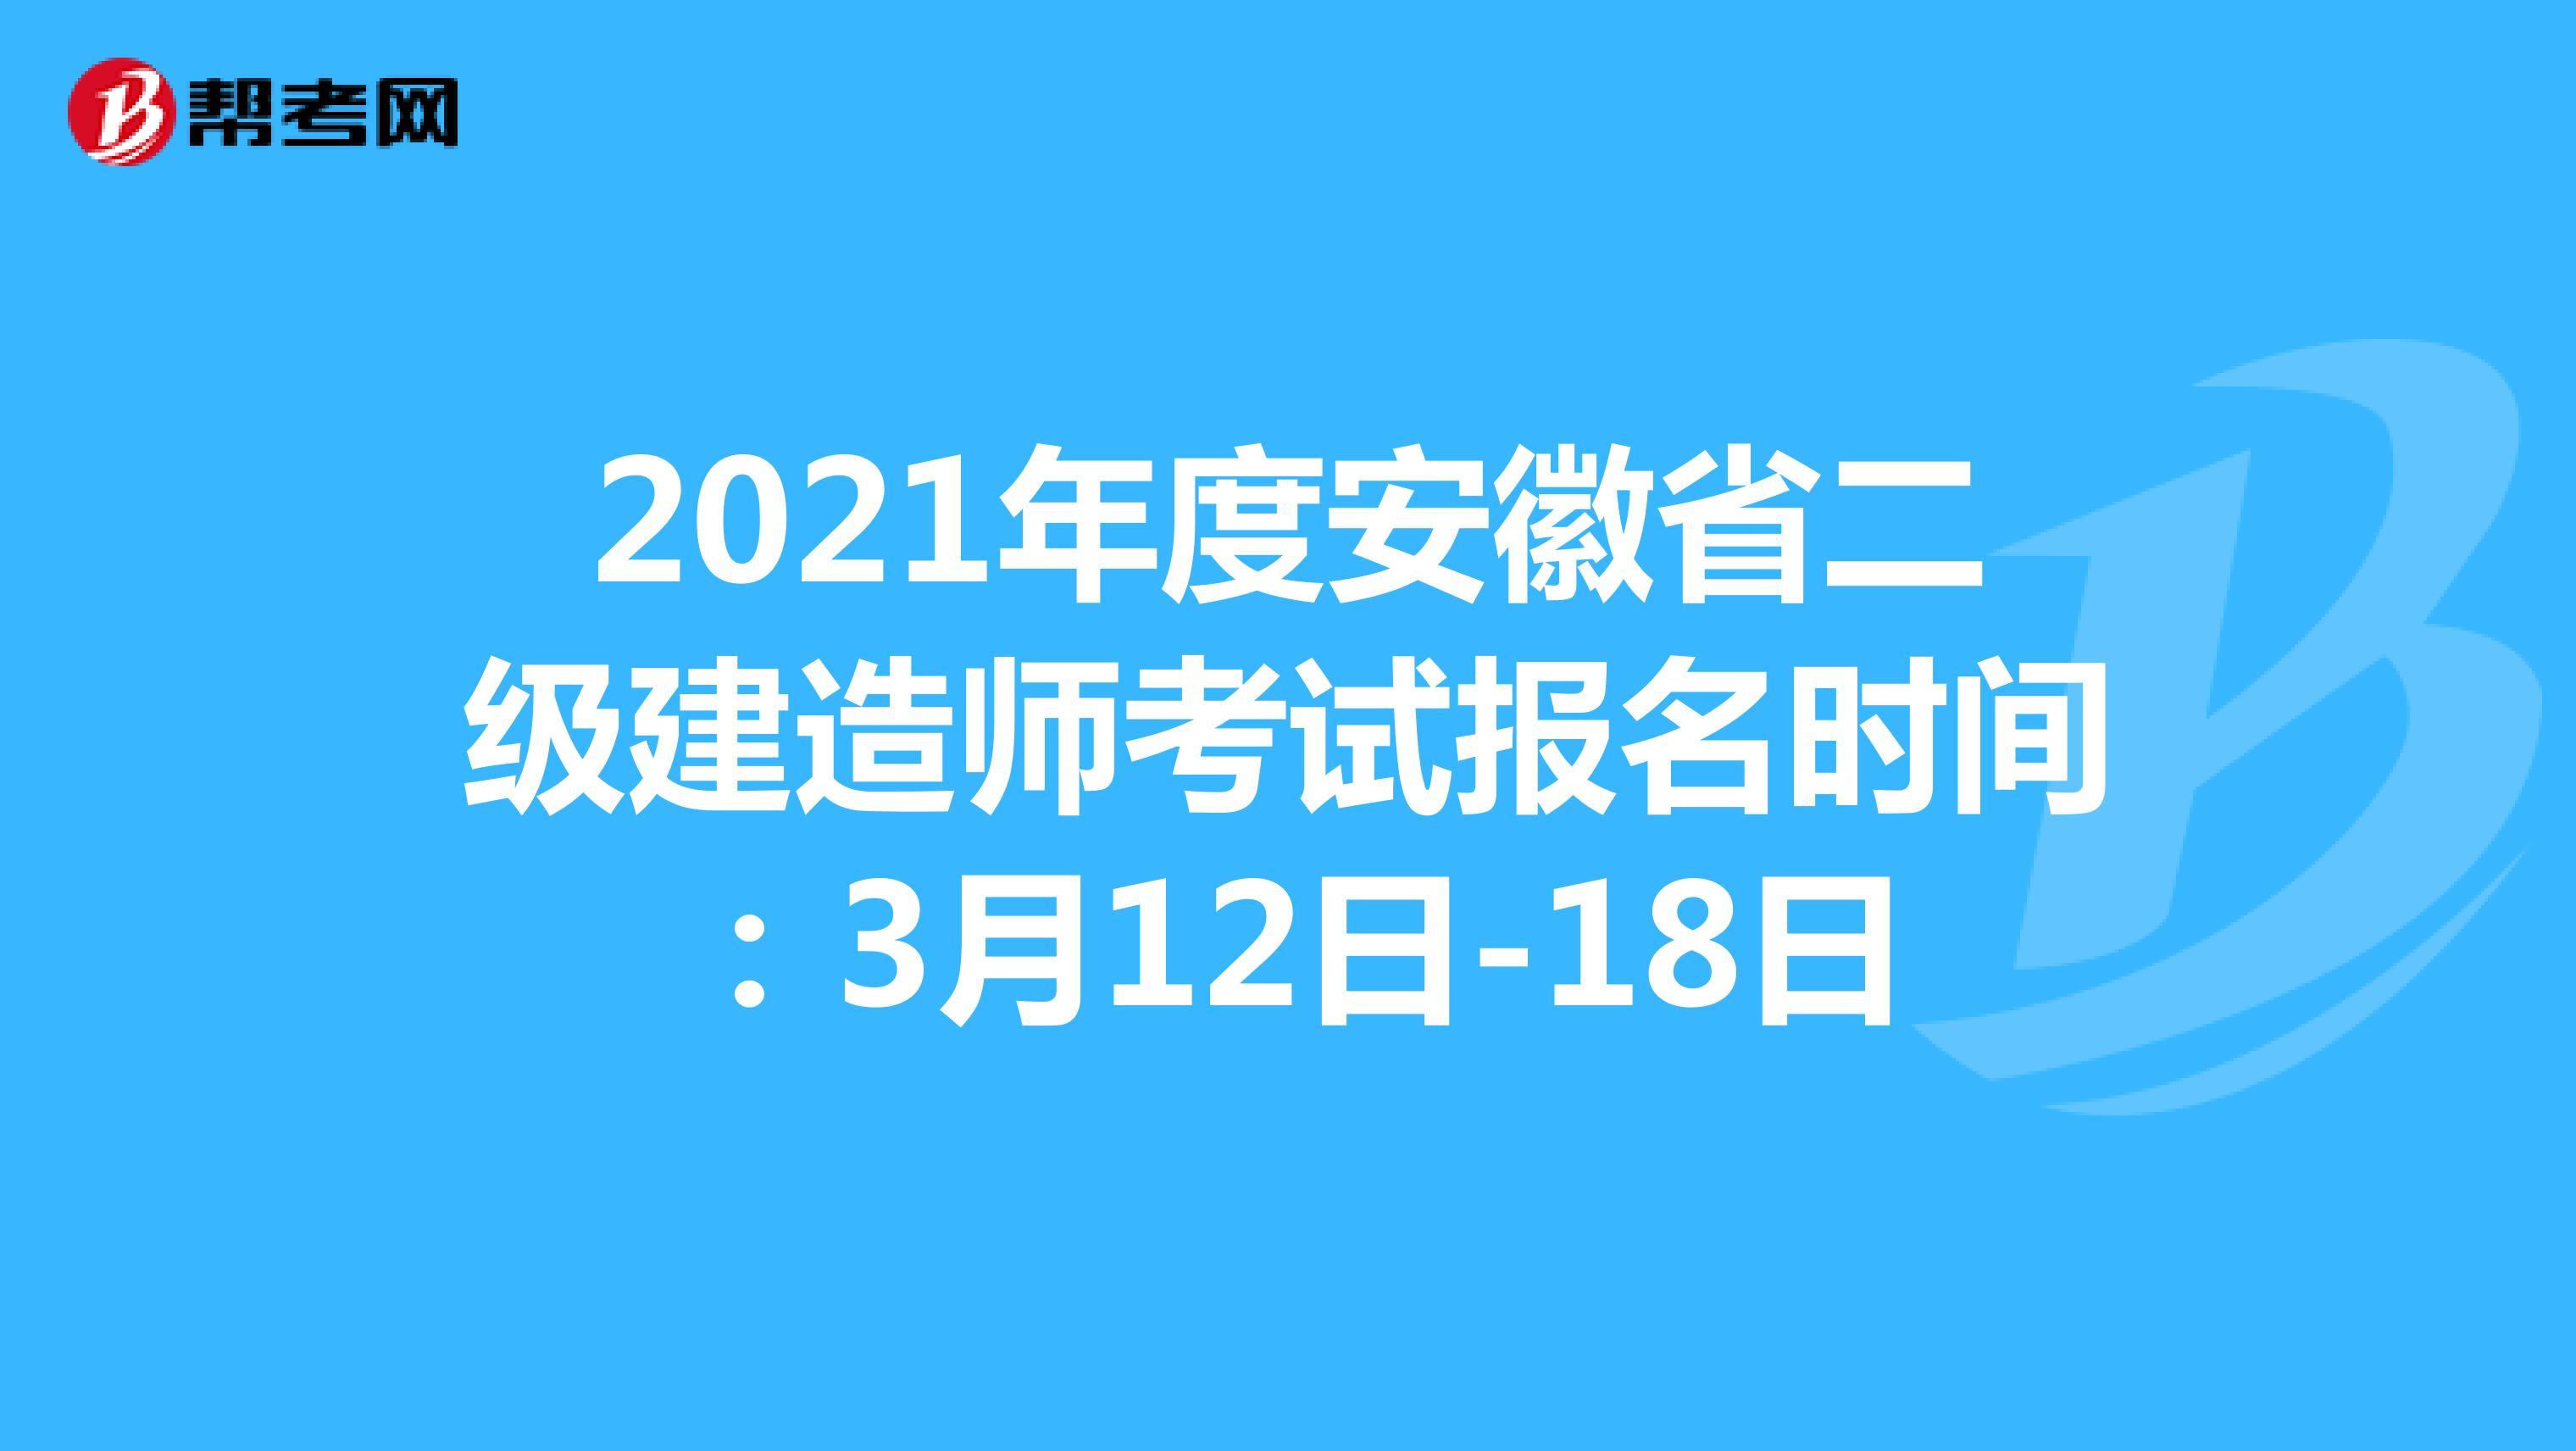 2021年度安徽省二級建造師考試報名時間:3月12日-18日